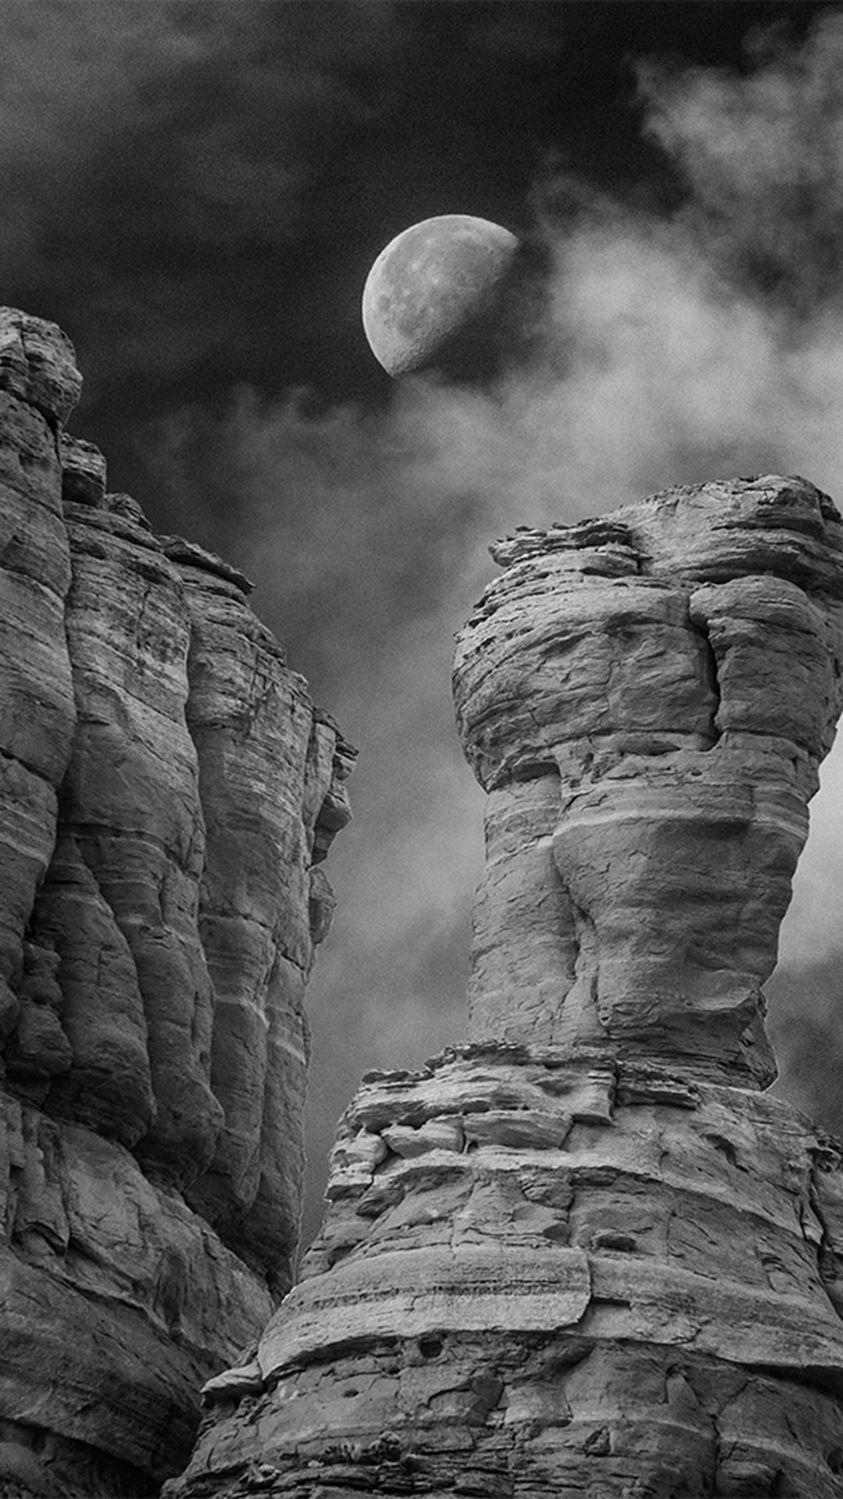 Moon over the in Arizona by James Petersen (Week